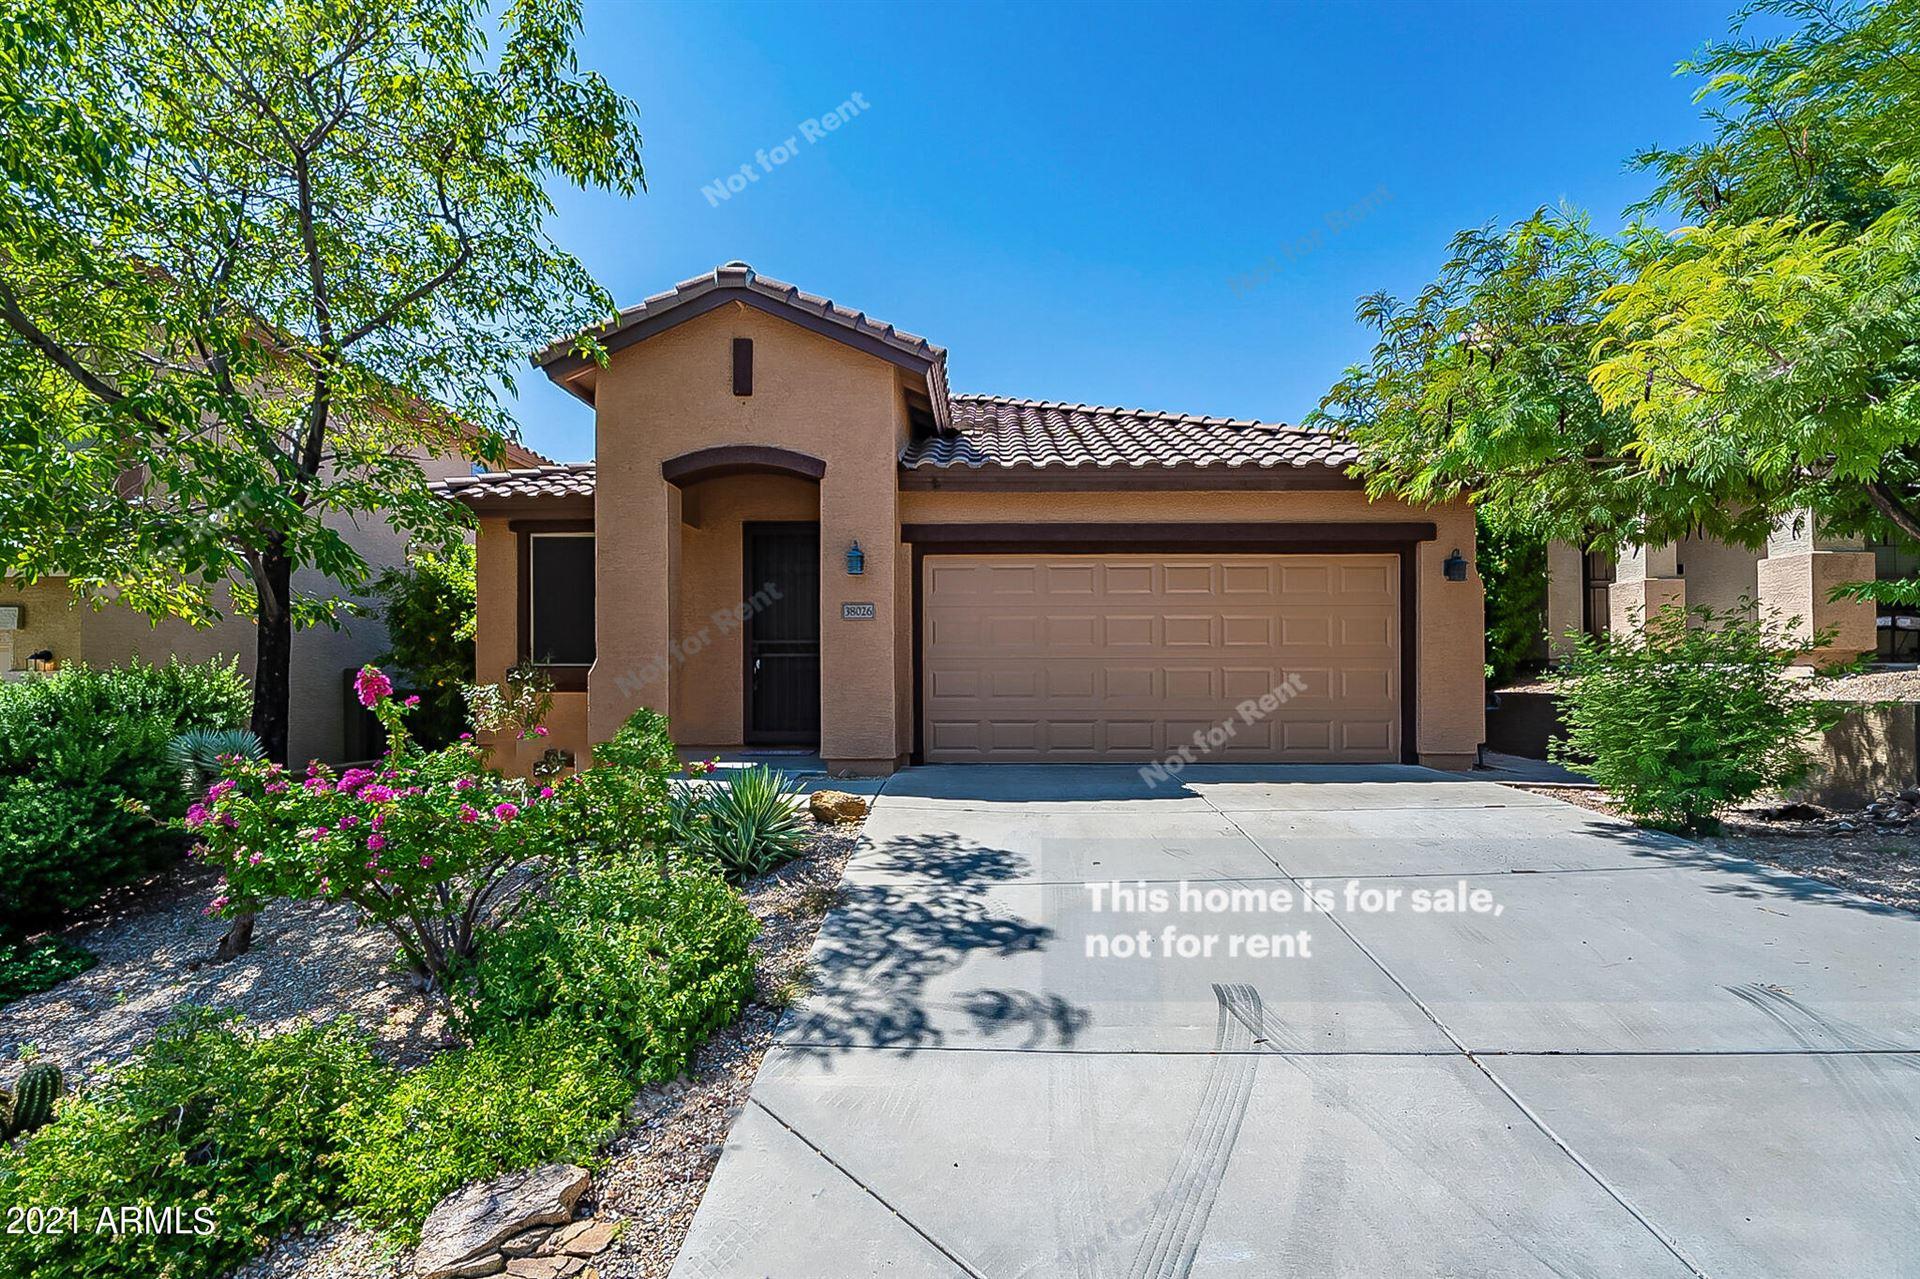 Photo of 38026 N HUDSON Trail, Anthem, AZ 85086 (MLS # 6291403)